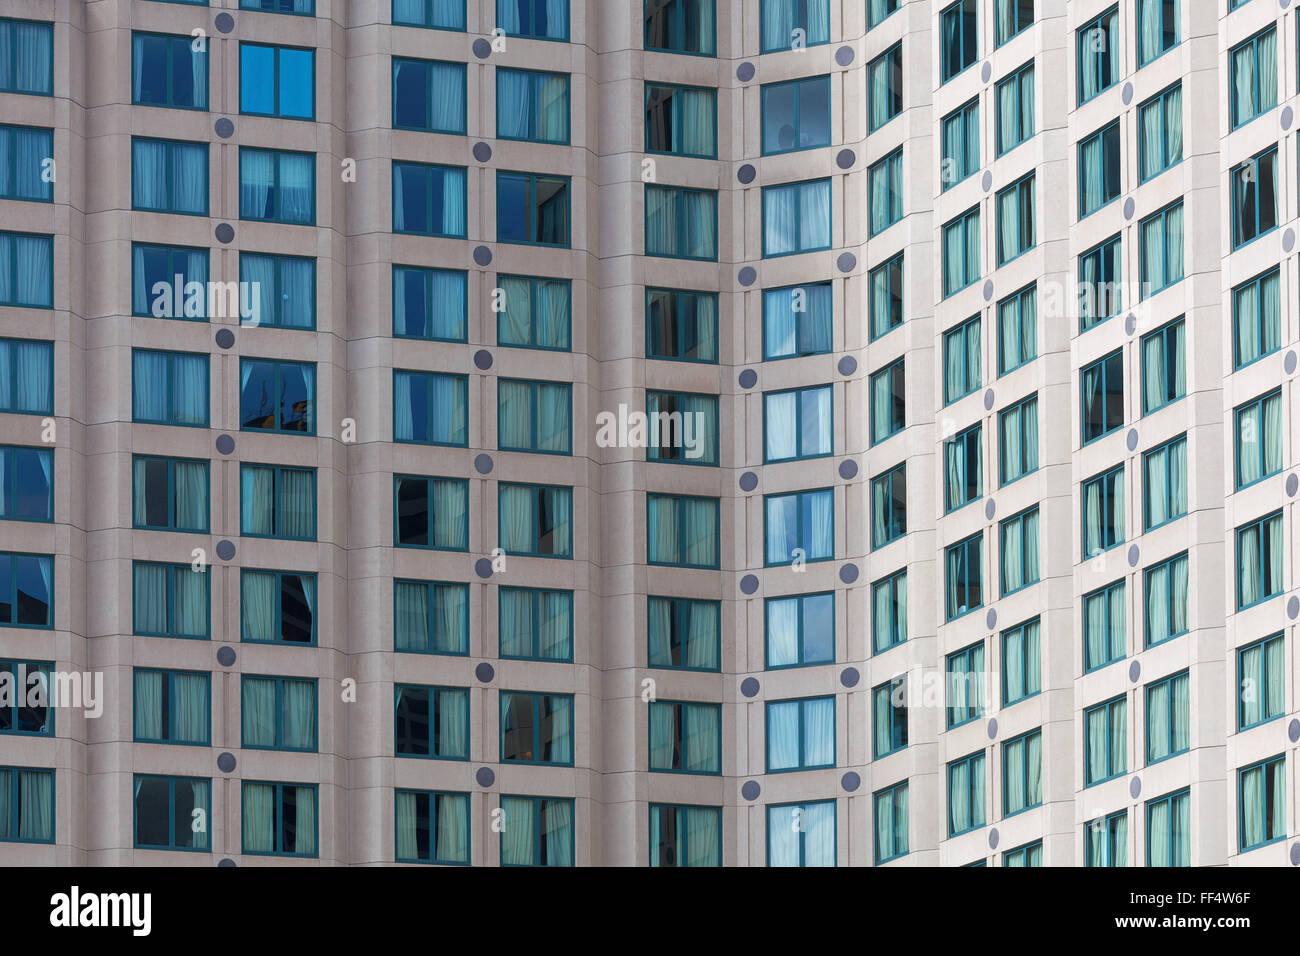 Hotel Hochhaus Fassade   Nahaufnahme Von Vielen Fenstern In Melbourne CBD.